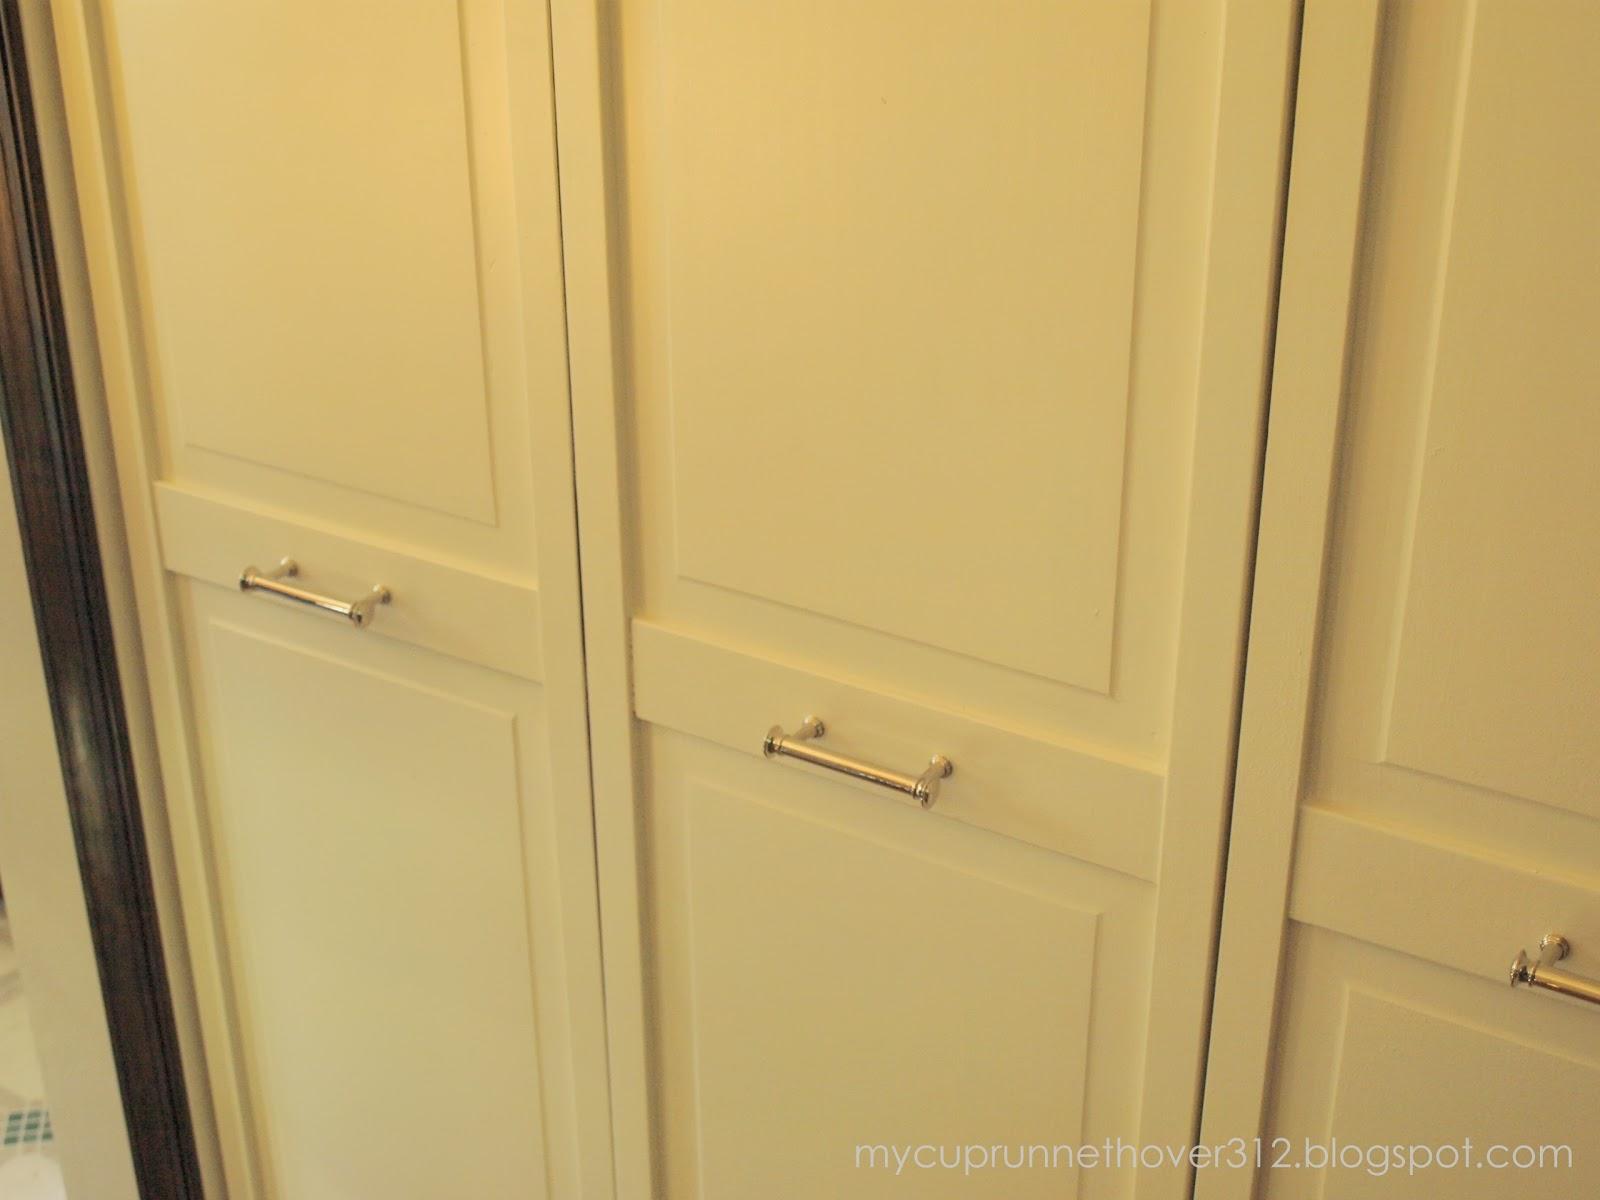 Closet door handles